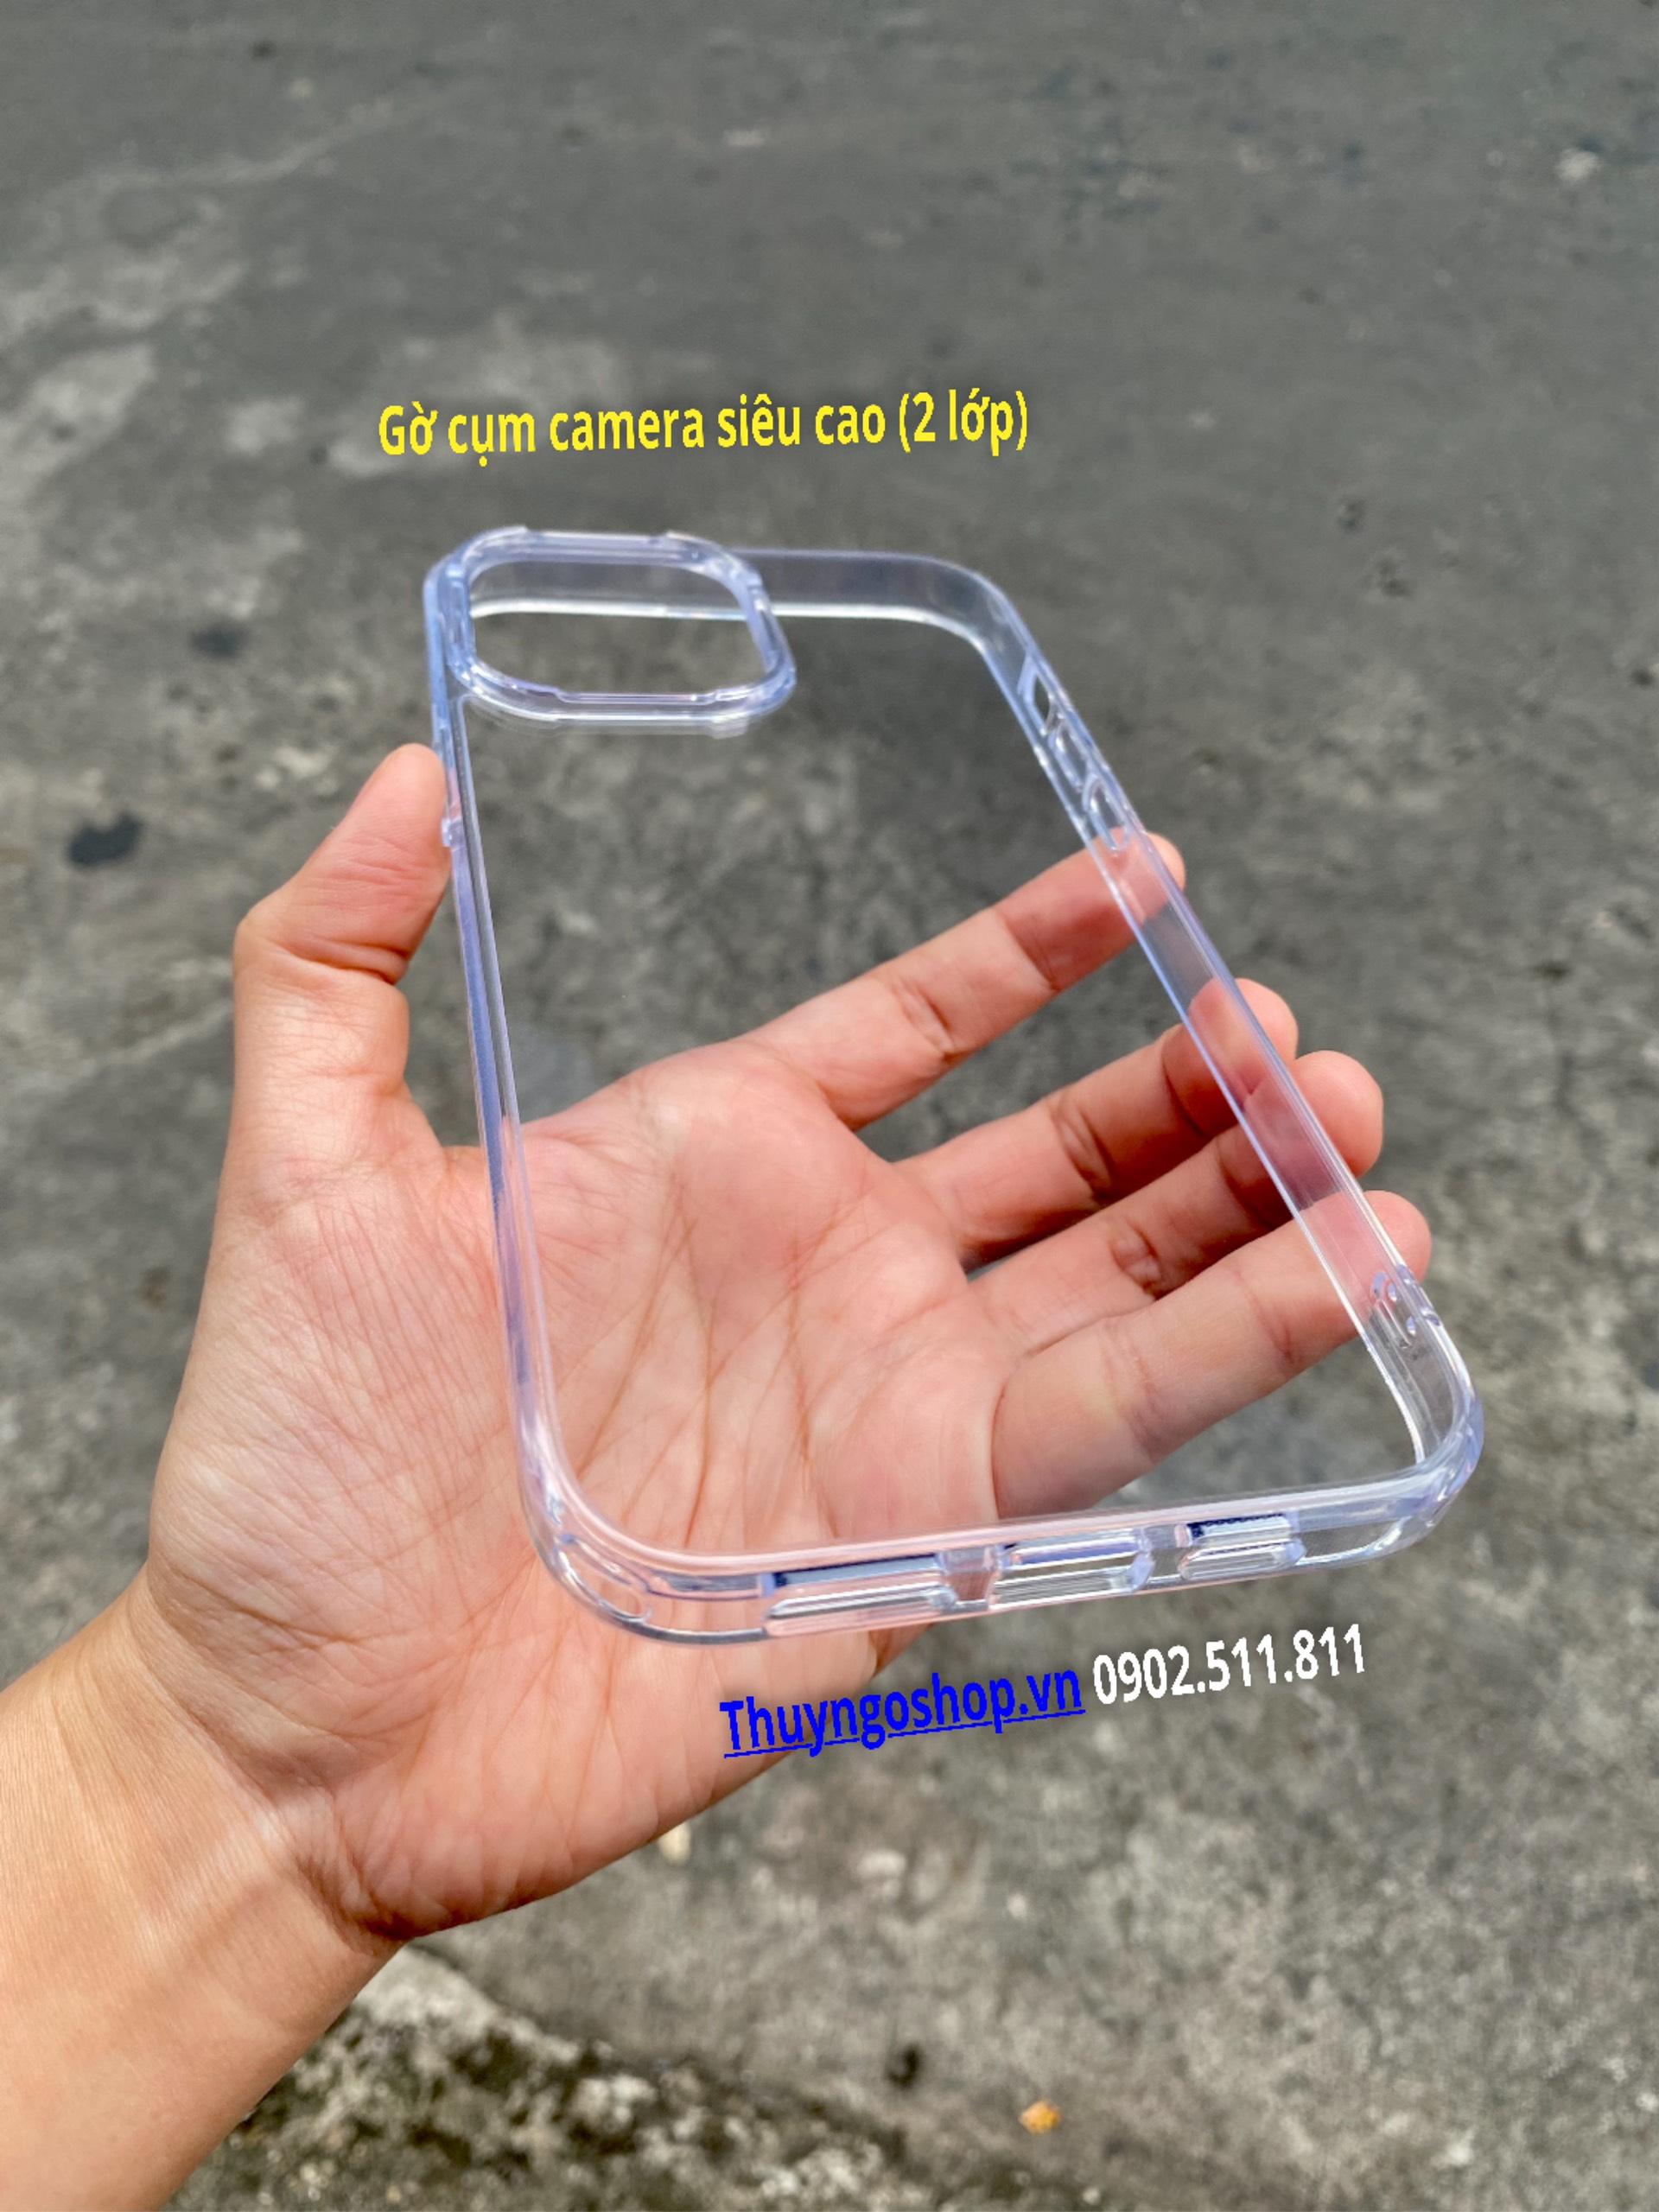 Ốp lưng trong suốt Iphone 13 pro max (viền camera 2 lớp)